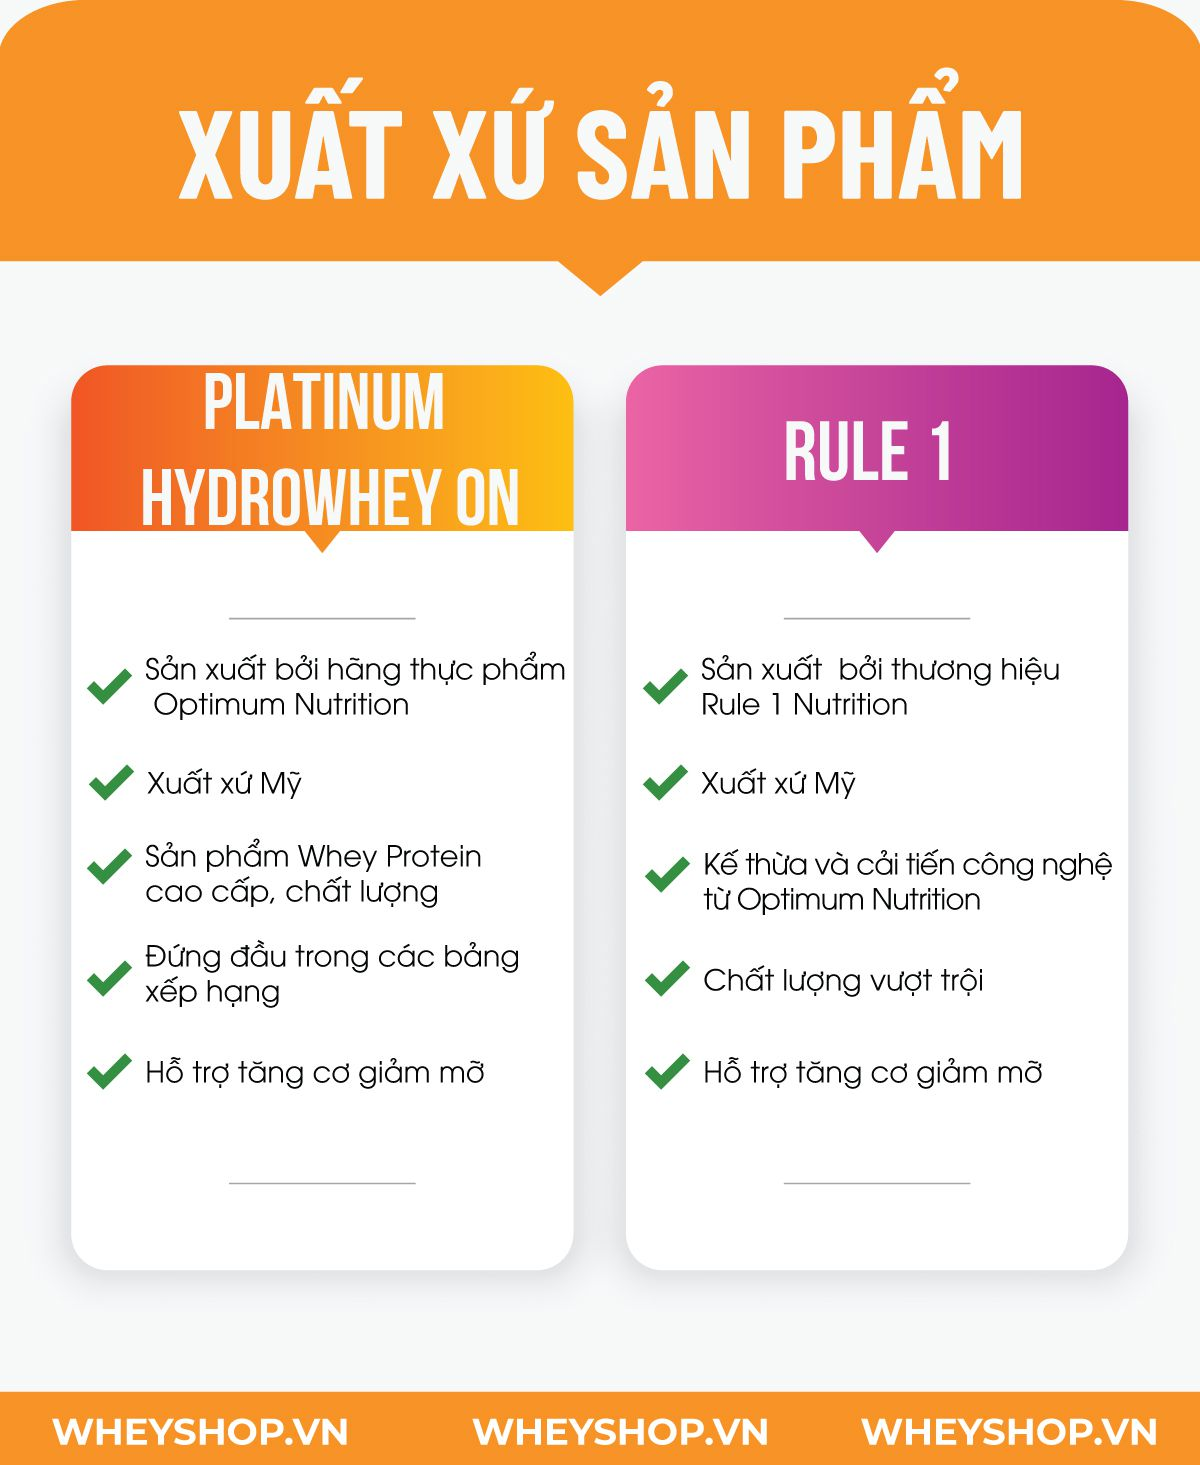 Nội dung bài viết dưới đây là so sánh review về hai sản phẩm Platinum HydroWhey ON và Rule 1 loại nào tốt? Hãy tham khảo và lựa chọn cho mình một sản phổ để...